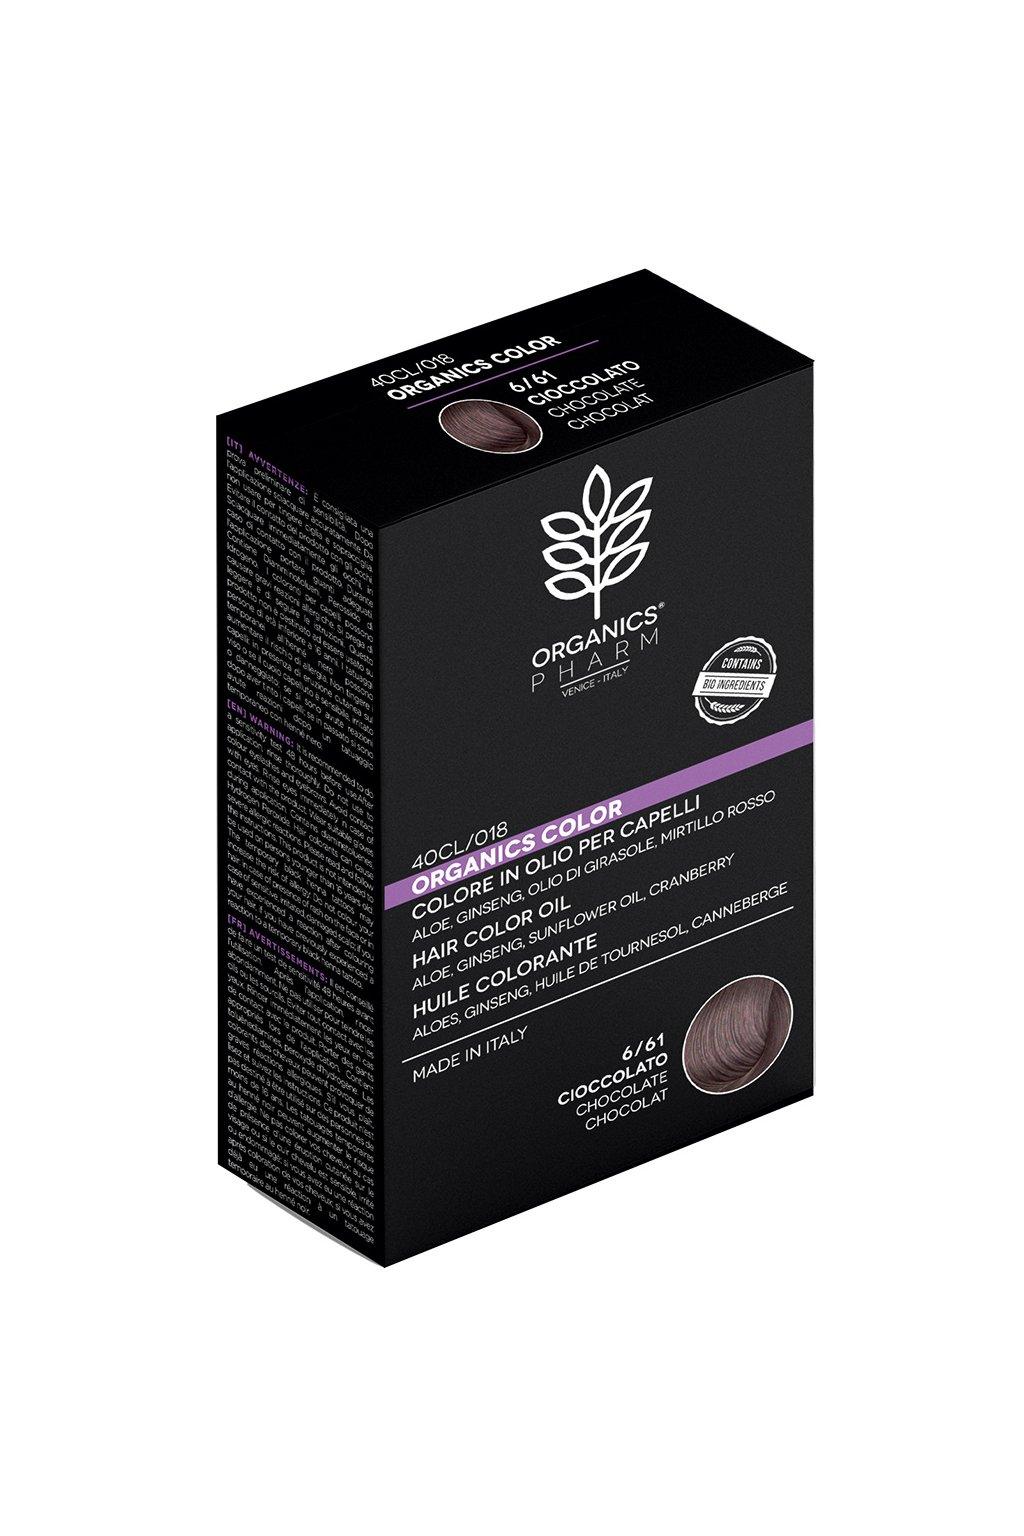 ORGANICS PHARM Organics Color Hair Color Oil 122ml 6 61 Chocolate